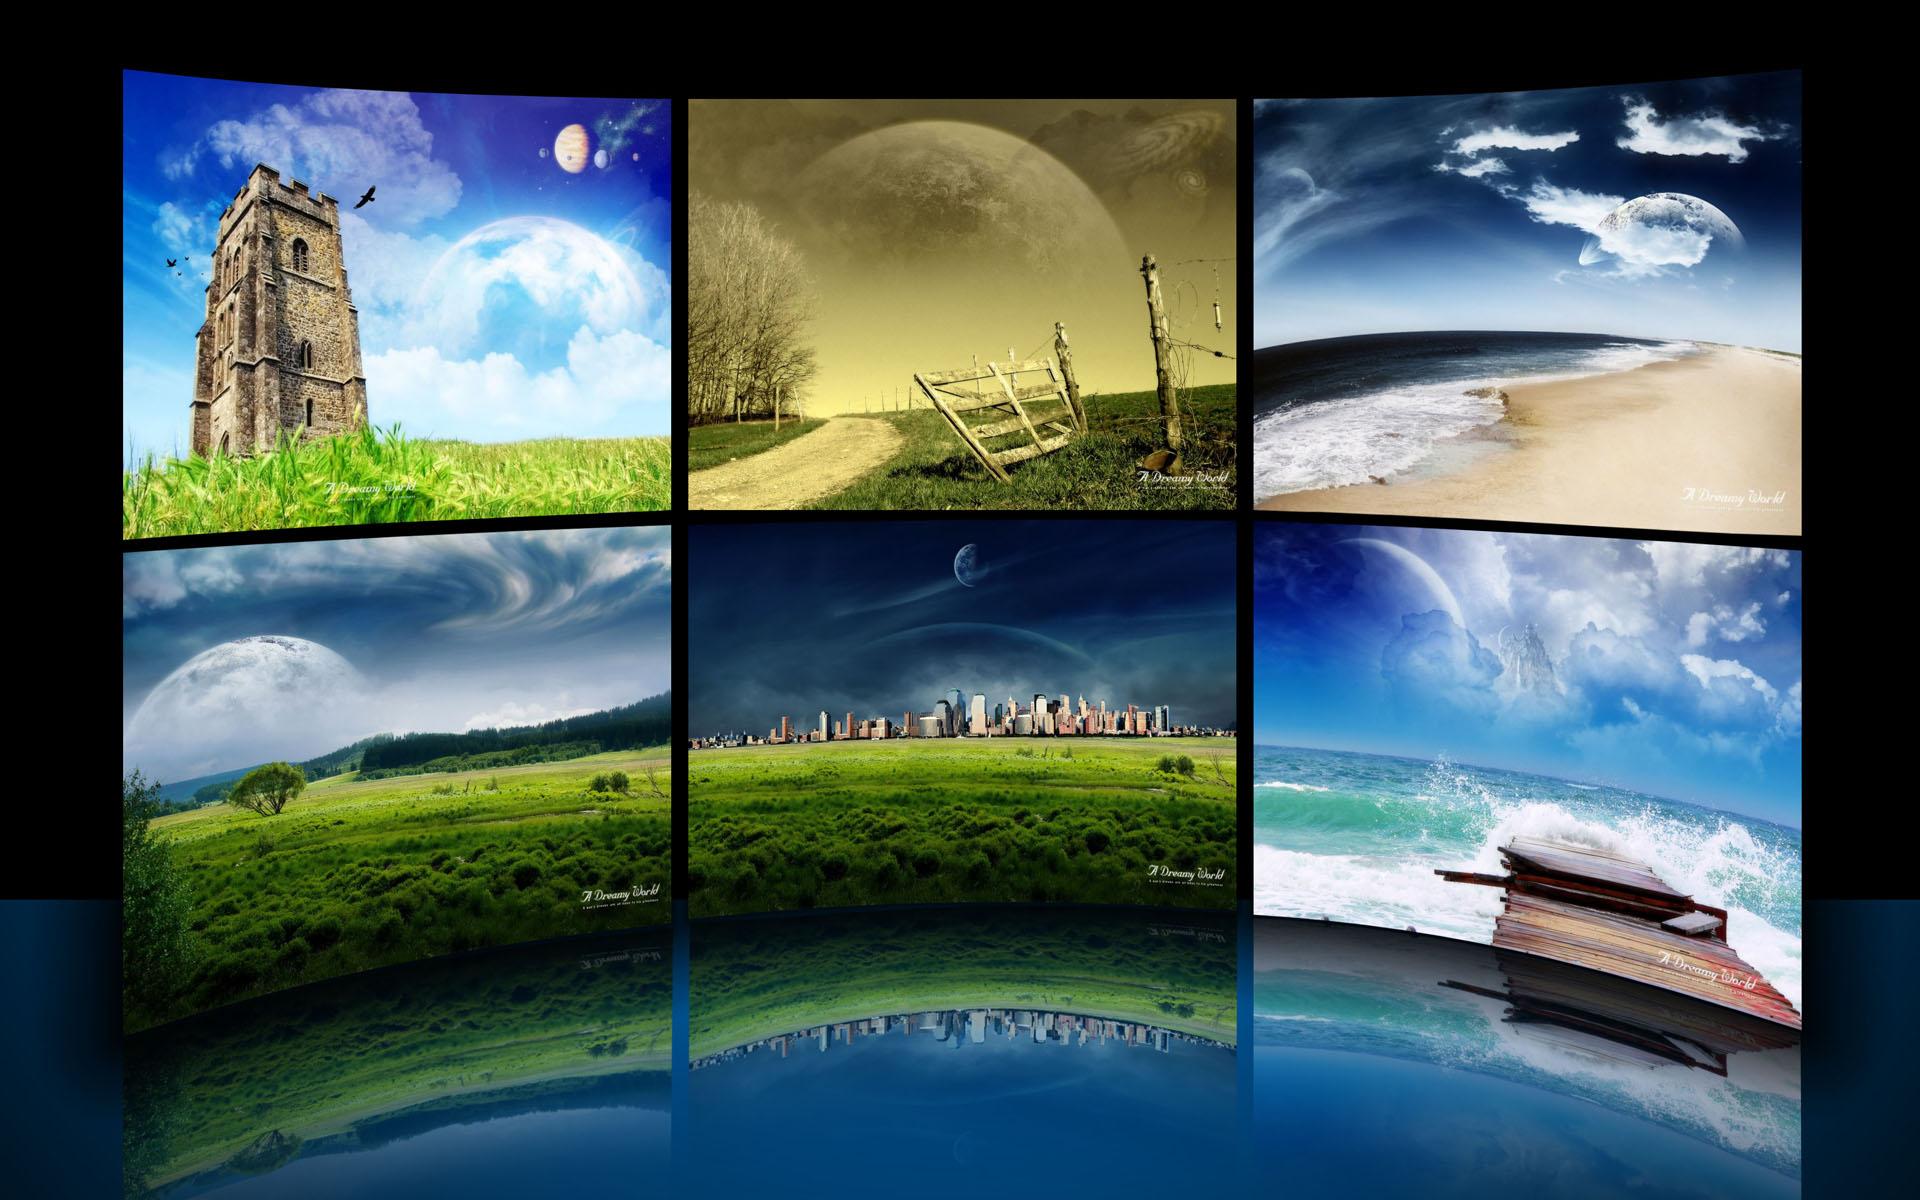 A Dreamy World Theme by iDR3AM